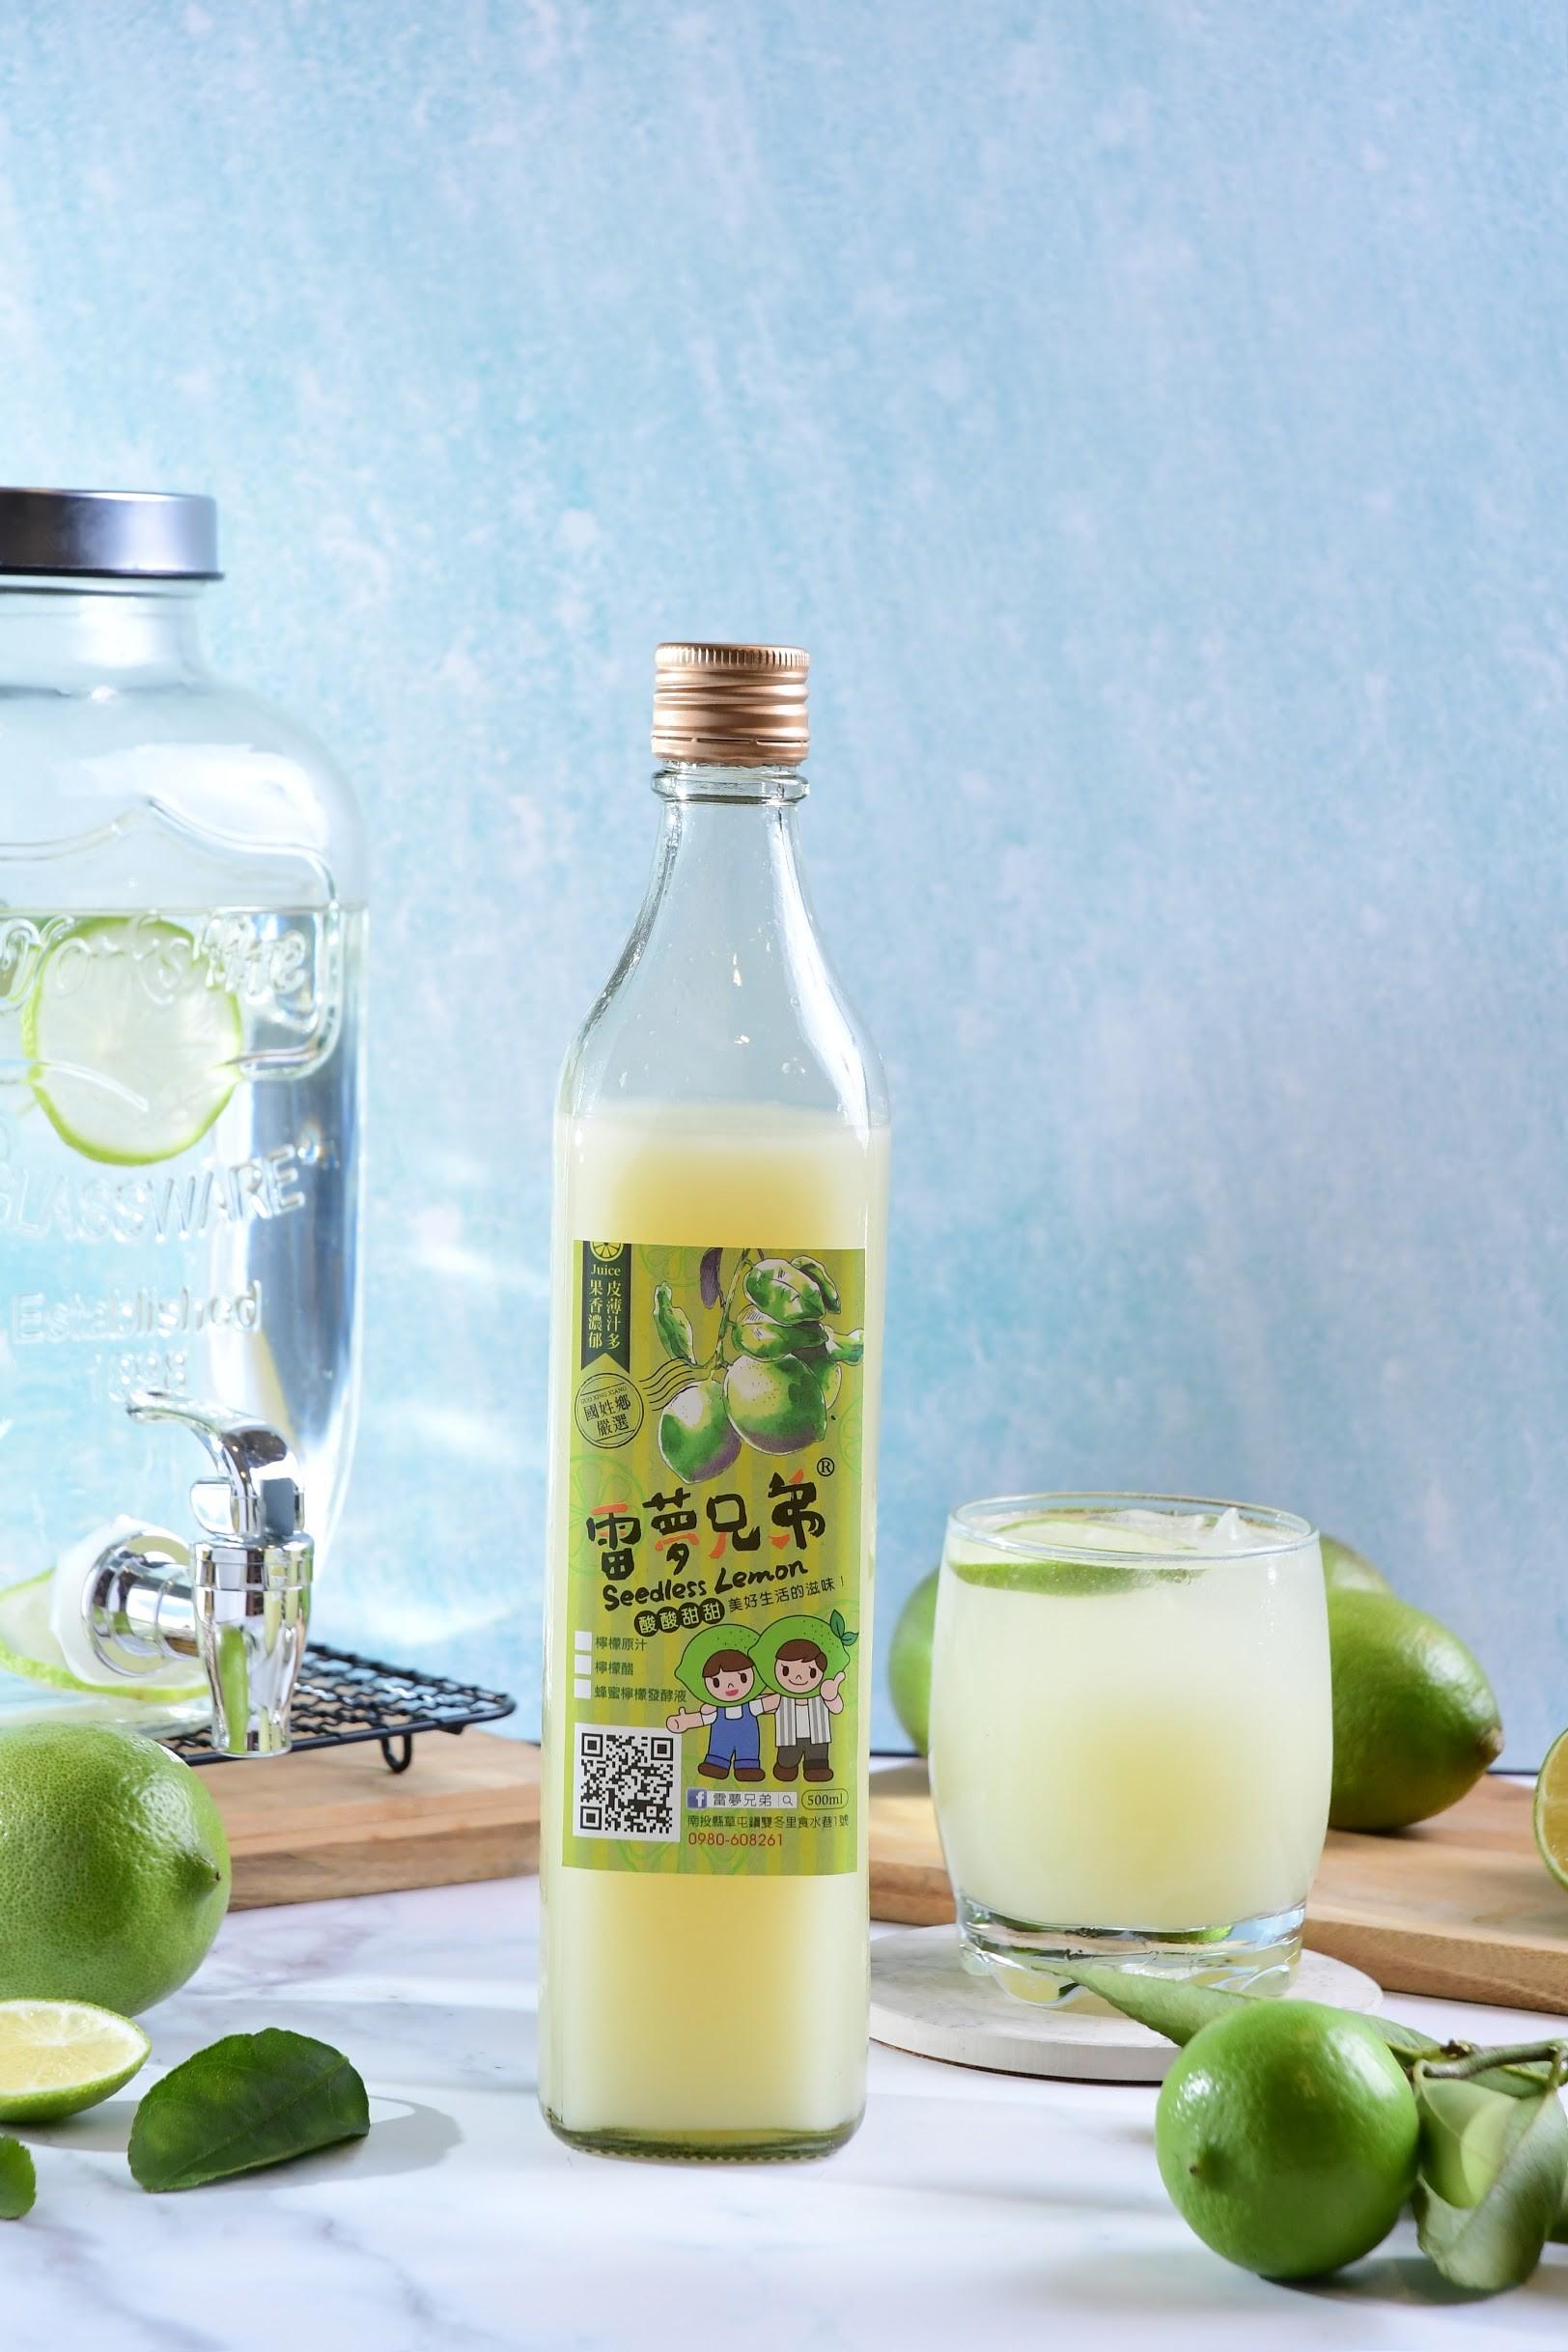 感恩回饋結帳輸入折扣碼「IU205AQRTSRP」,在打【75】折-【免運費】特價無毒檸檬原汁 | 鮮檸檬汁 | 檸檬汁 | 檸檬水 | TLS全新生活 (15瓶)500cc&